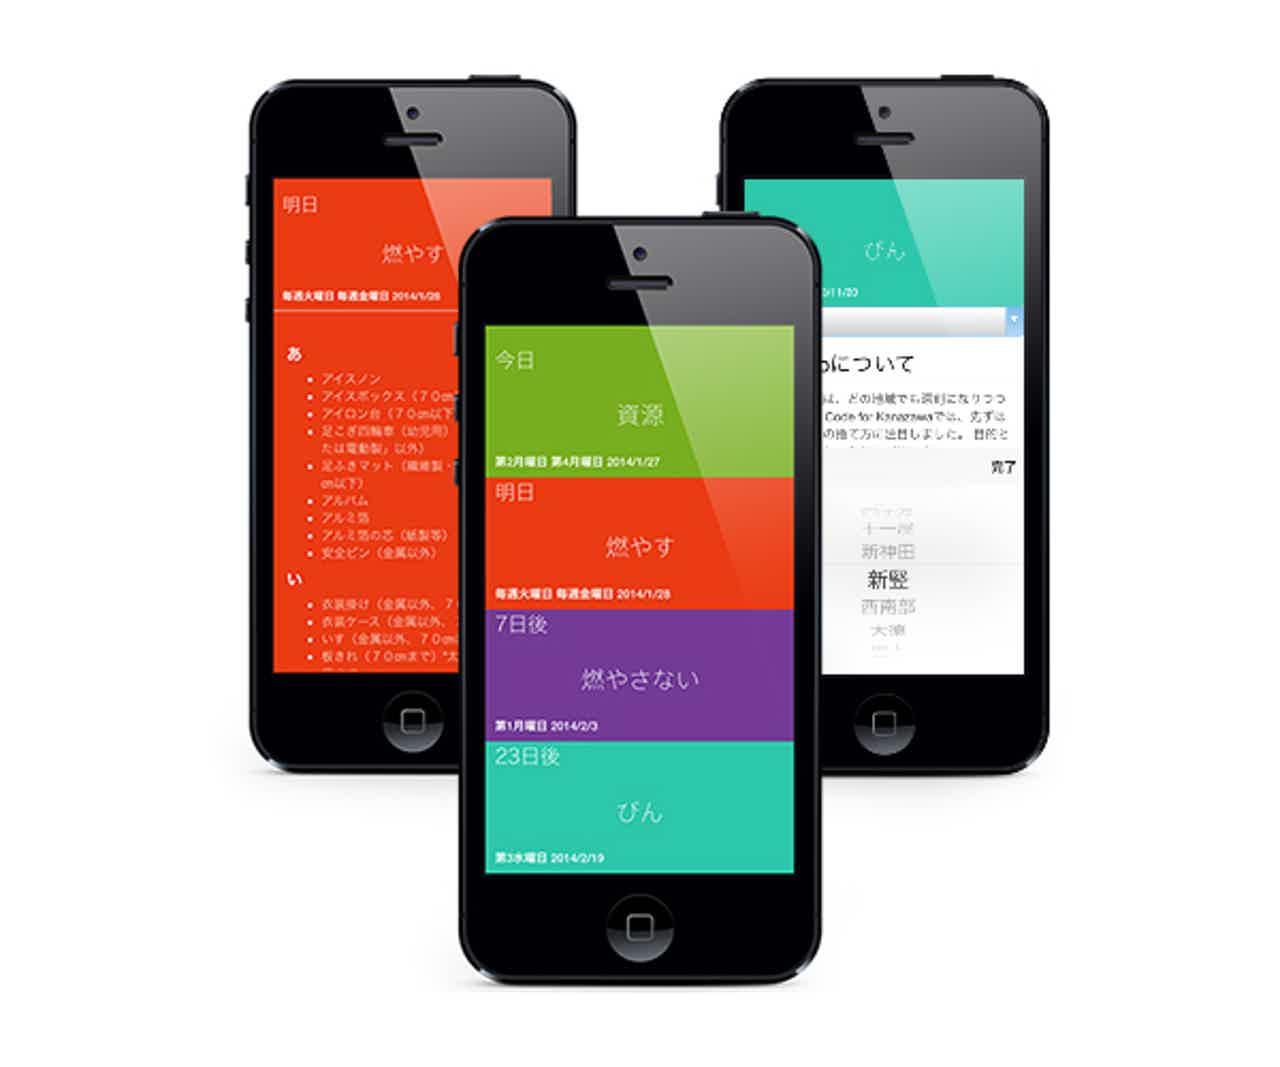 ゴミの収集情報を手軽に確認できるスマホアプリ「5374.jp」